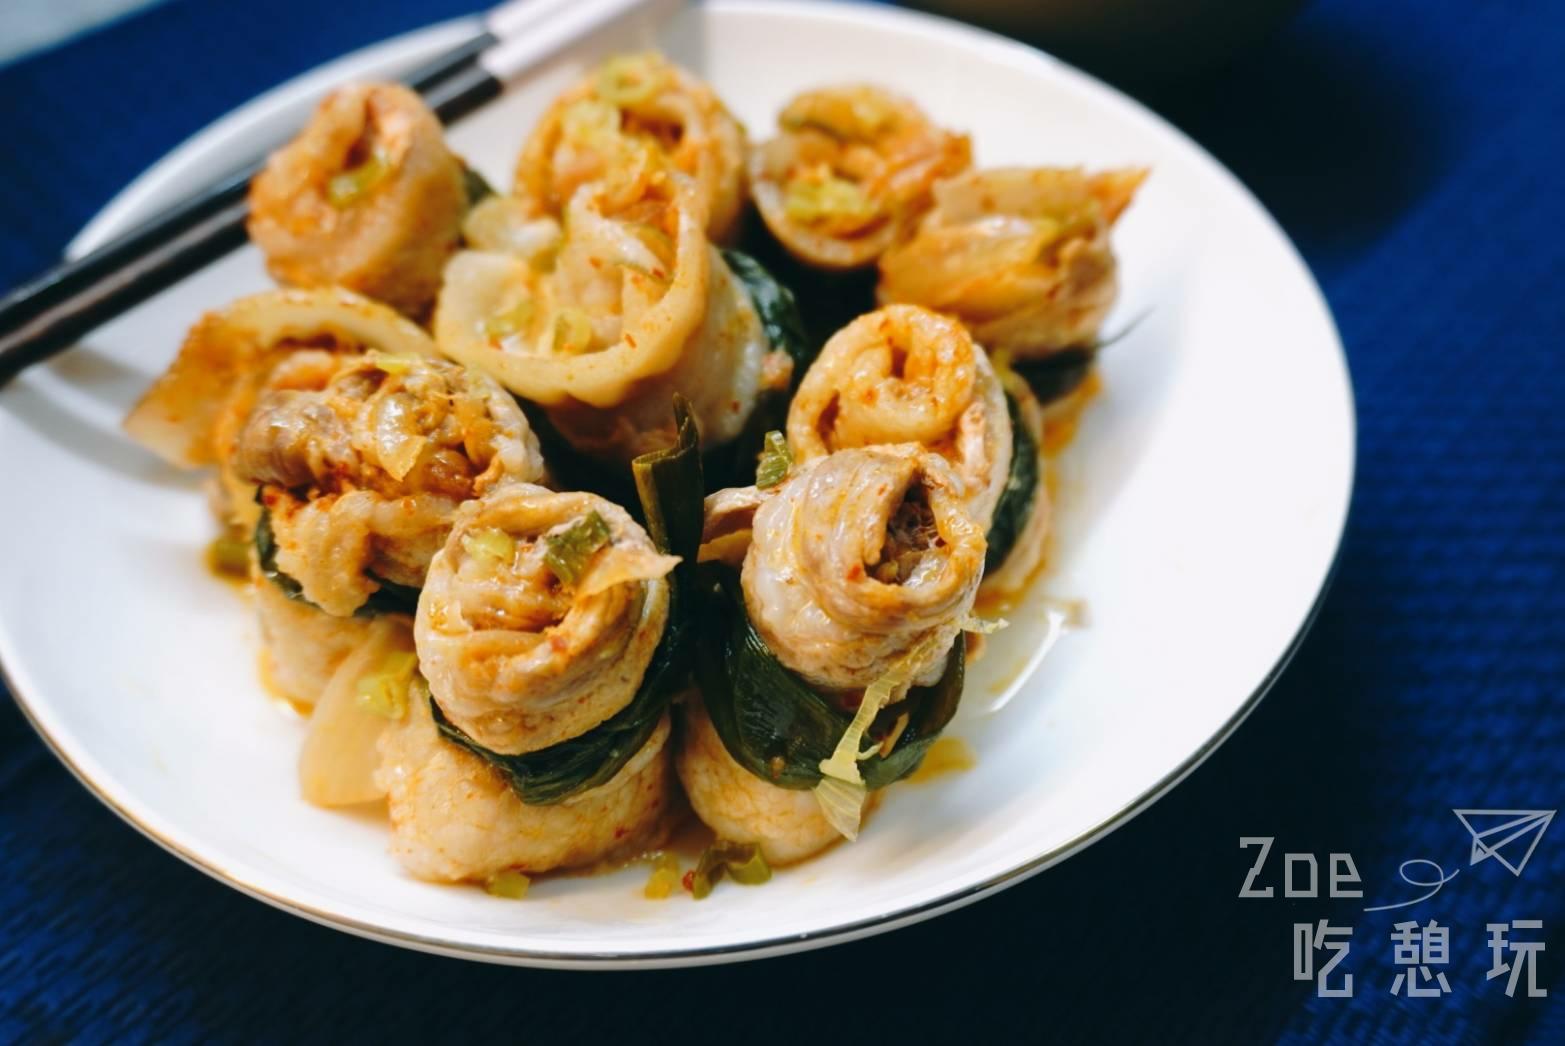 宅在家做料理系列-清蒸韓式泡菜五花捲,即使沒廚藝只要有耐心就能成功